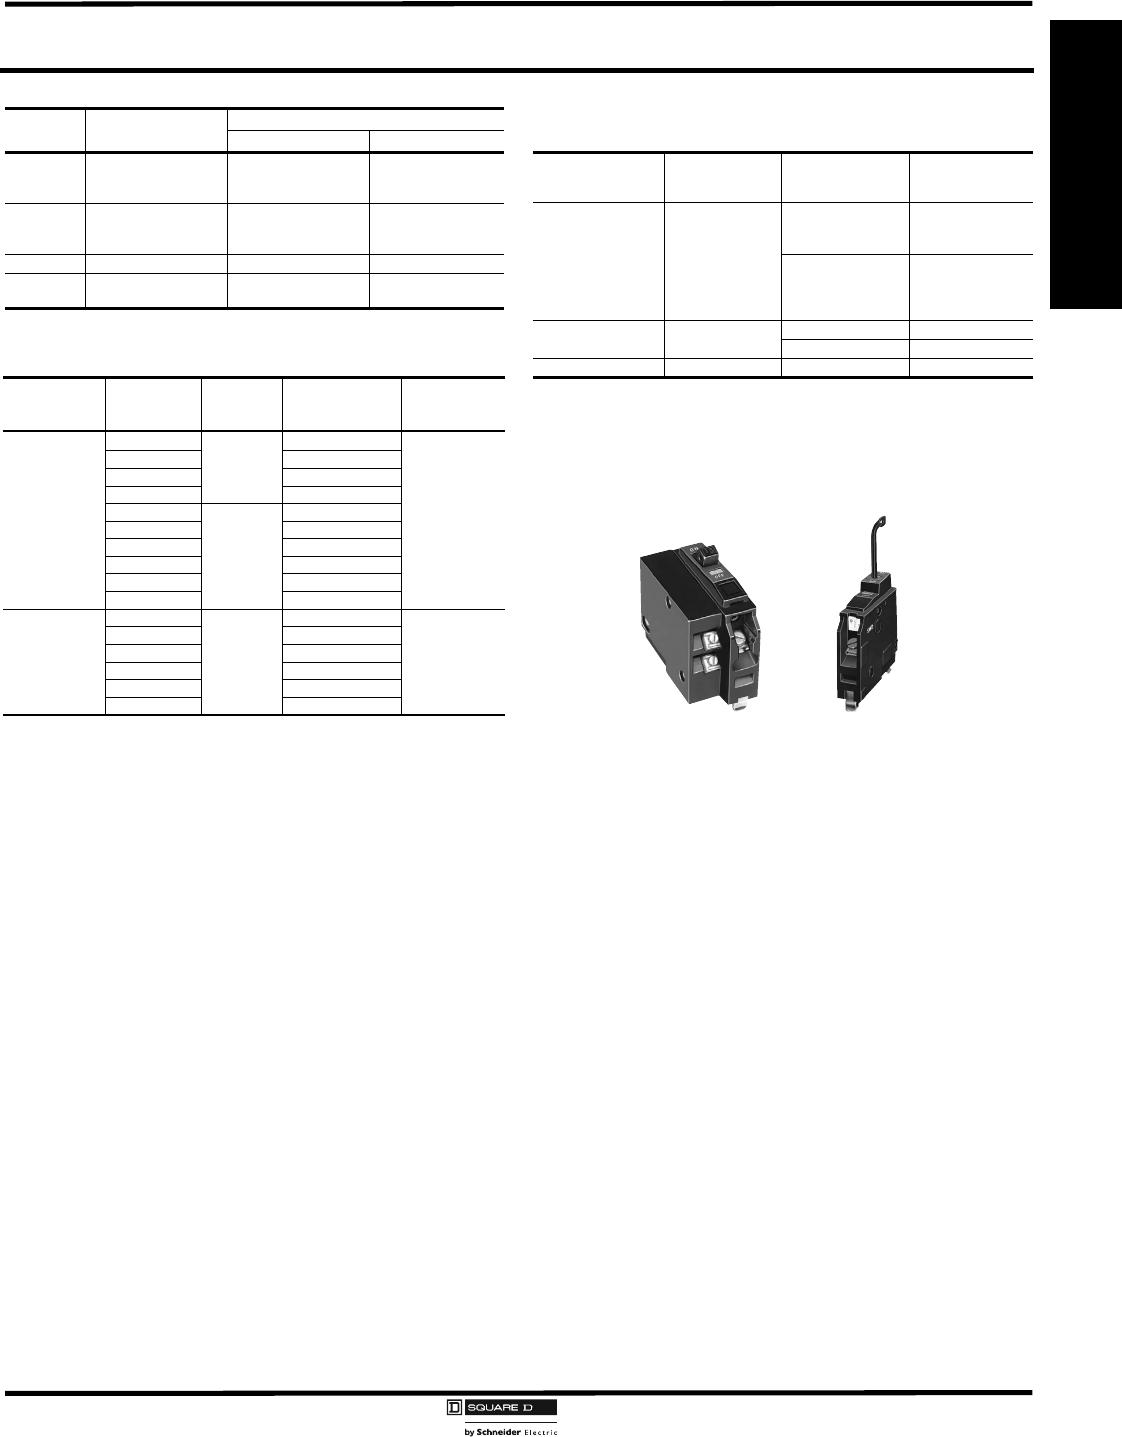 156197 Catalog Square D Qo Qwikgard 20 Amp 2pole Gfci Breakerqo220gficp The Home De1 7